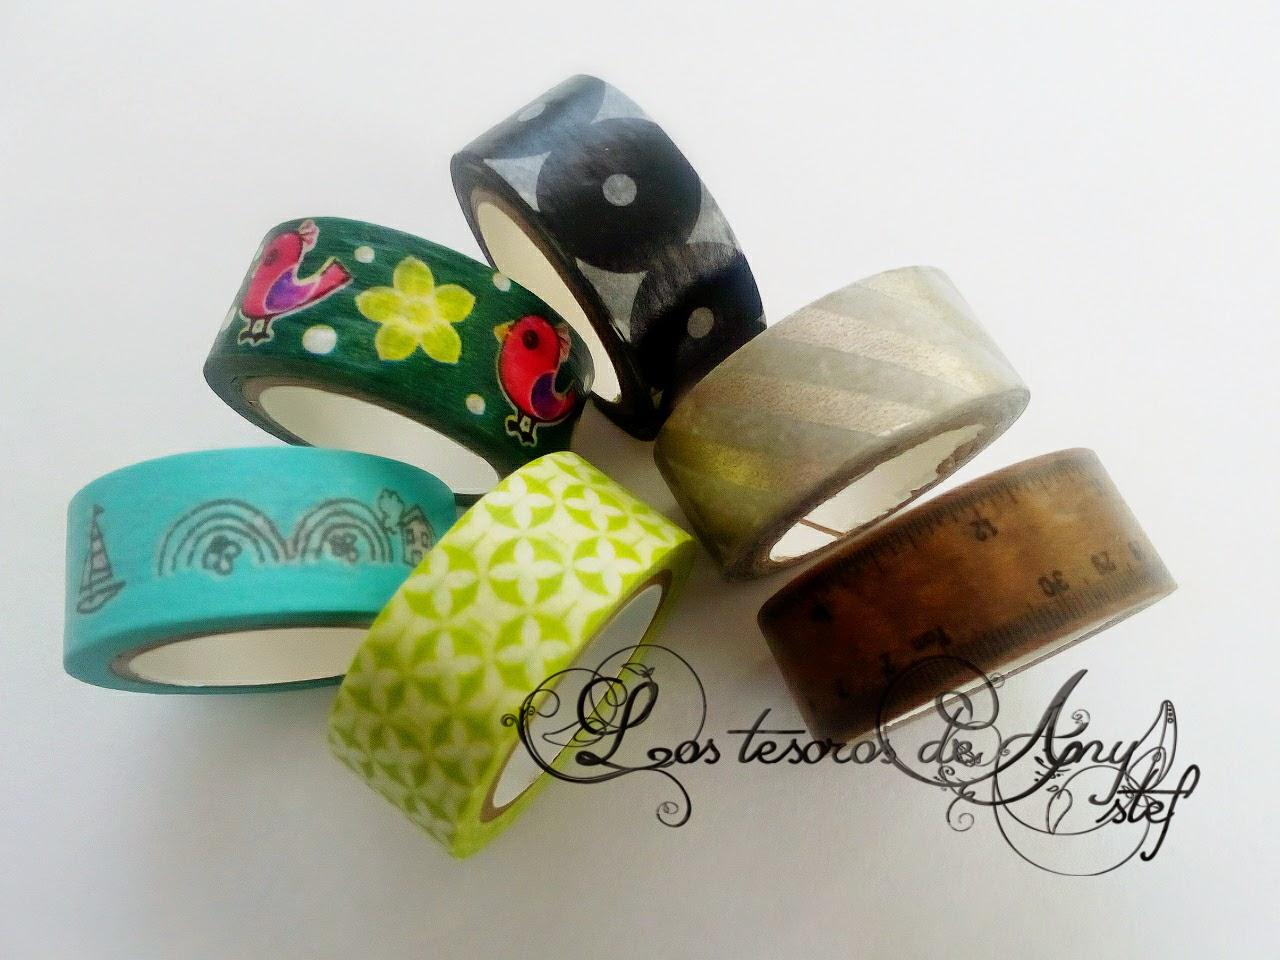 Washi tape de estampados y colores